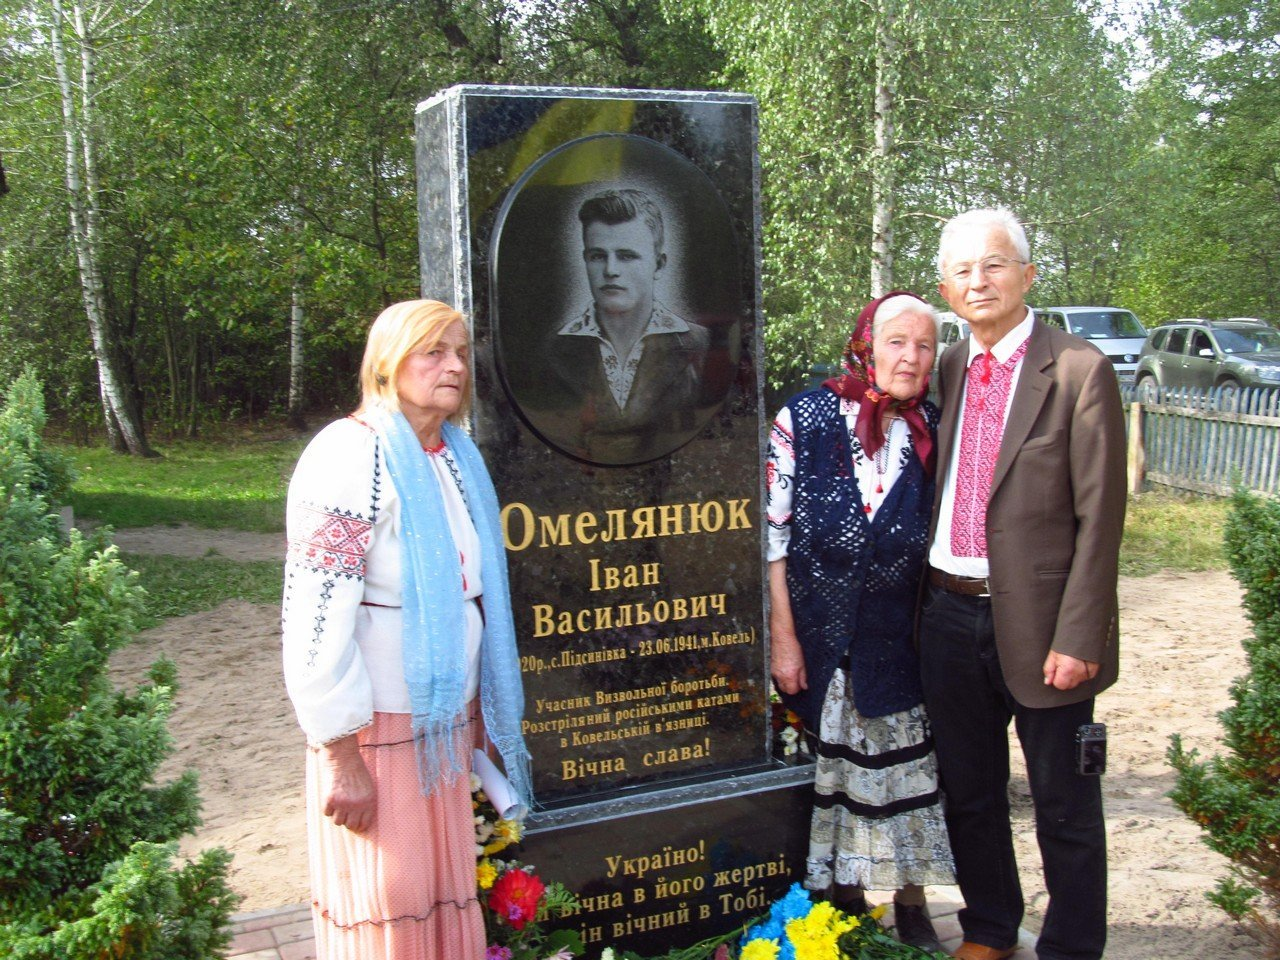 Волинянина за любов до України катували до посивіння